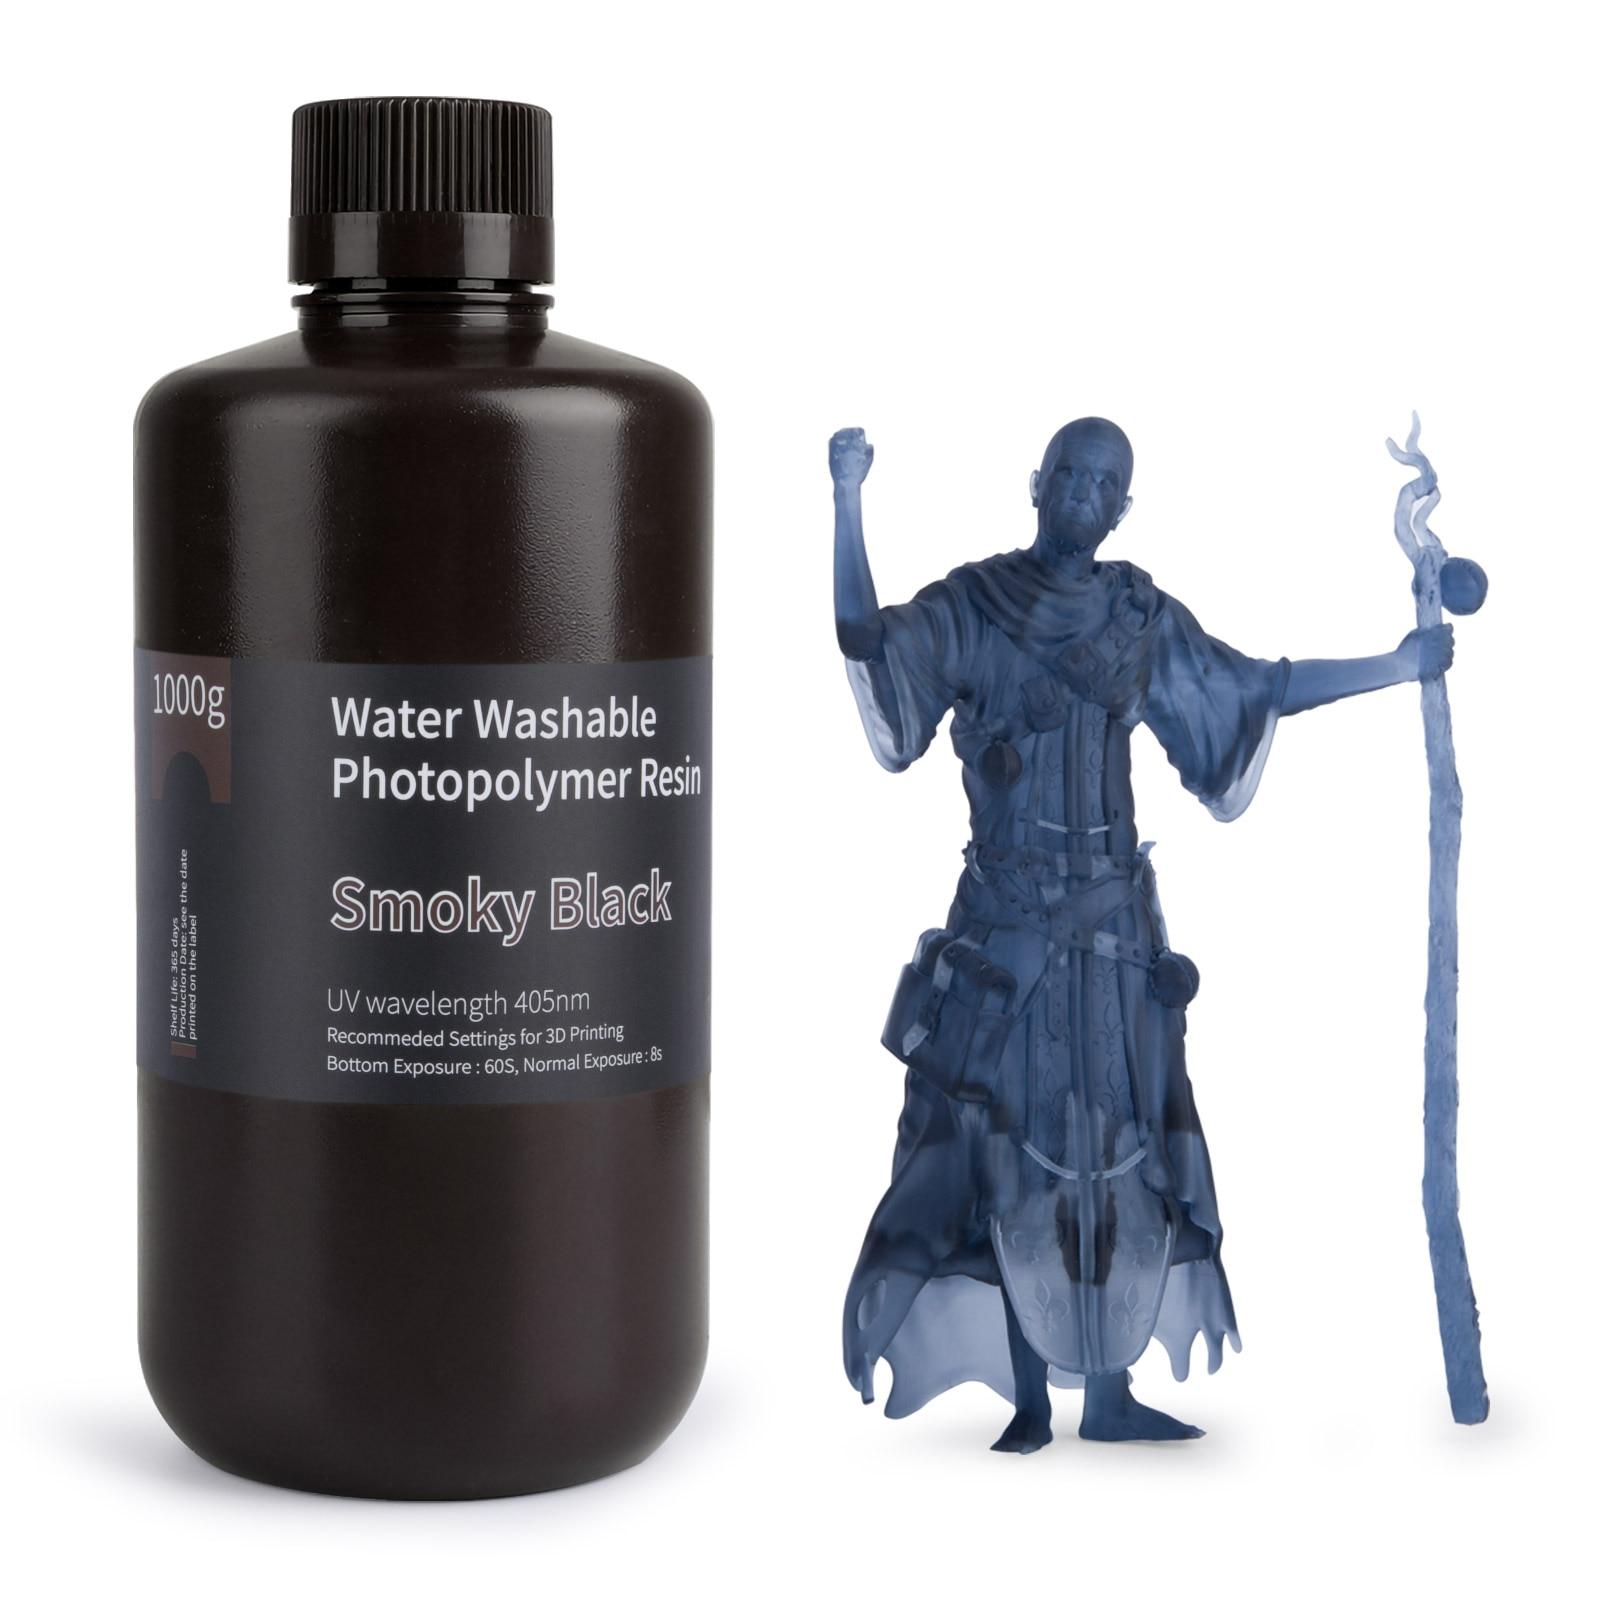 ELEGOO воды моющаяся Резина 3D принтеры смолы 405nm УФ Смола Стандартный фотополимерные смолы для ЖК дисплей 3D принтеры дымчато черный 1000 мл|Материалы для 3D-печати|   | АлиЭкспресс